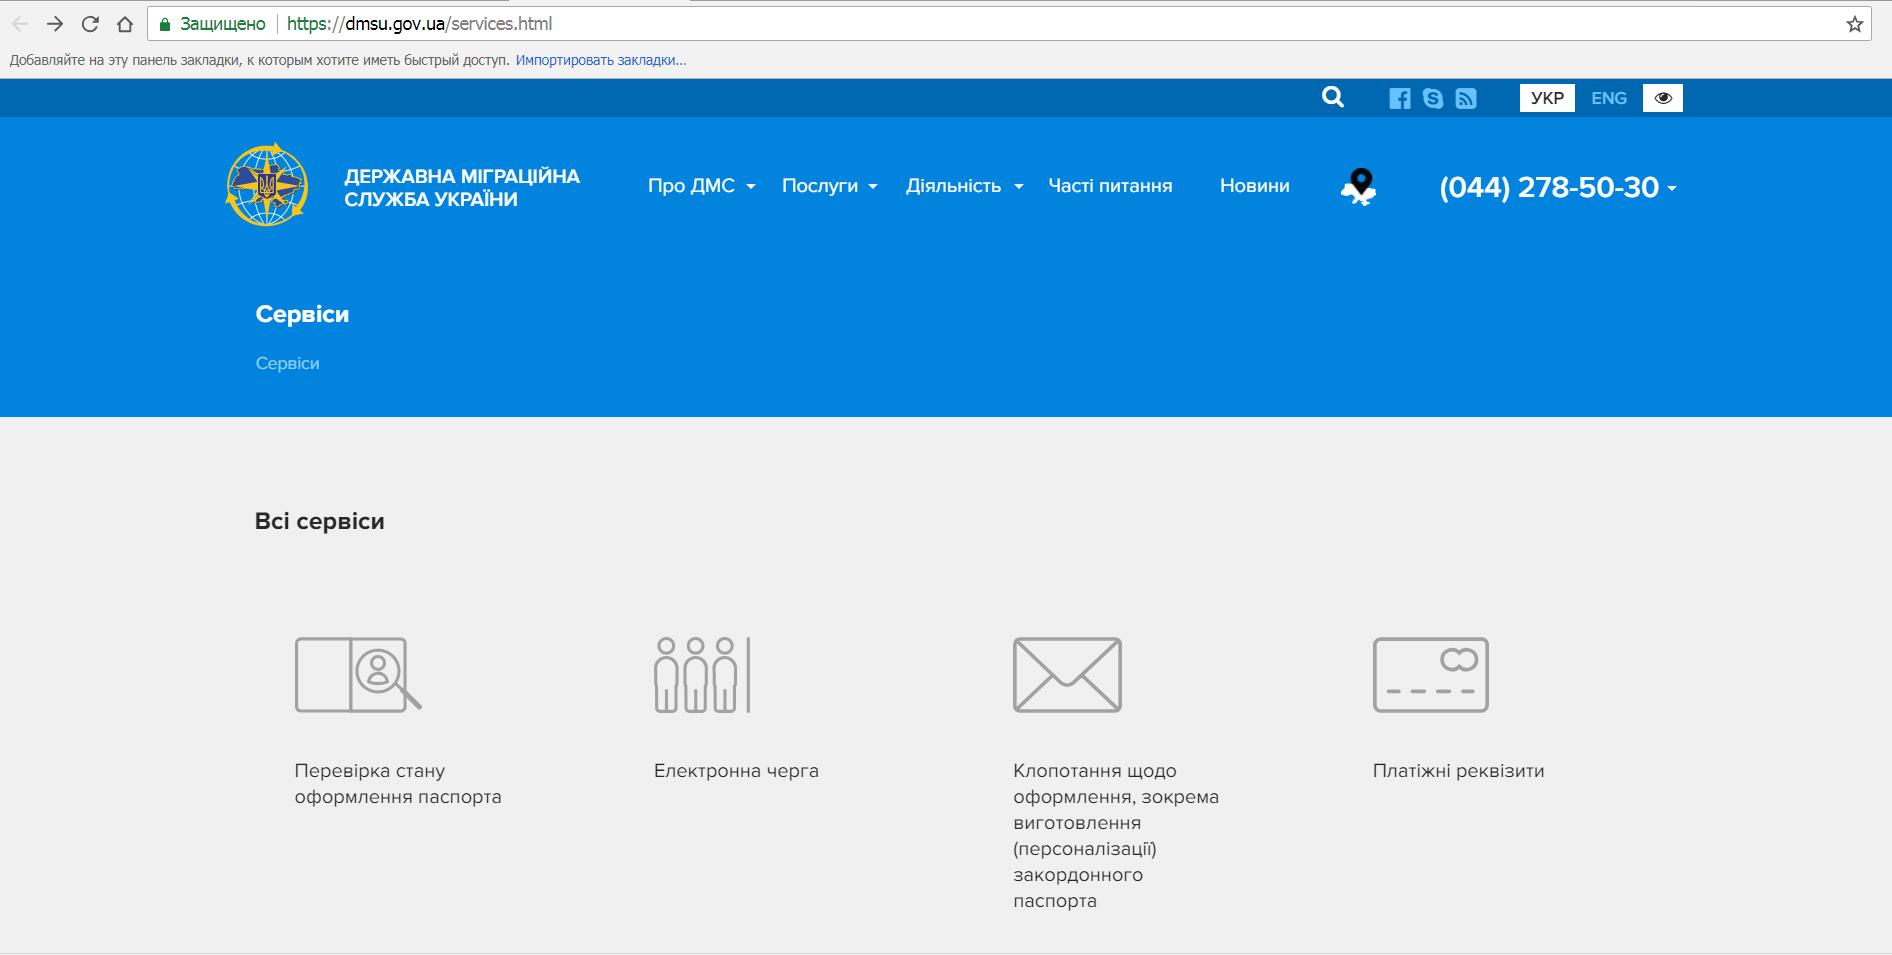 Украина онлайн: какие госуслуги можно оформить, не выходя из дома